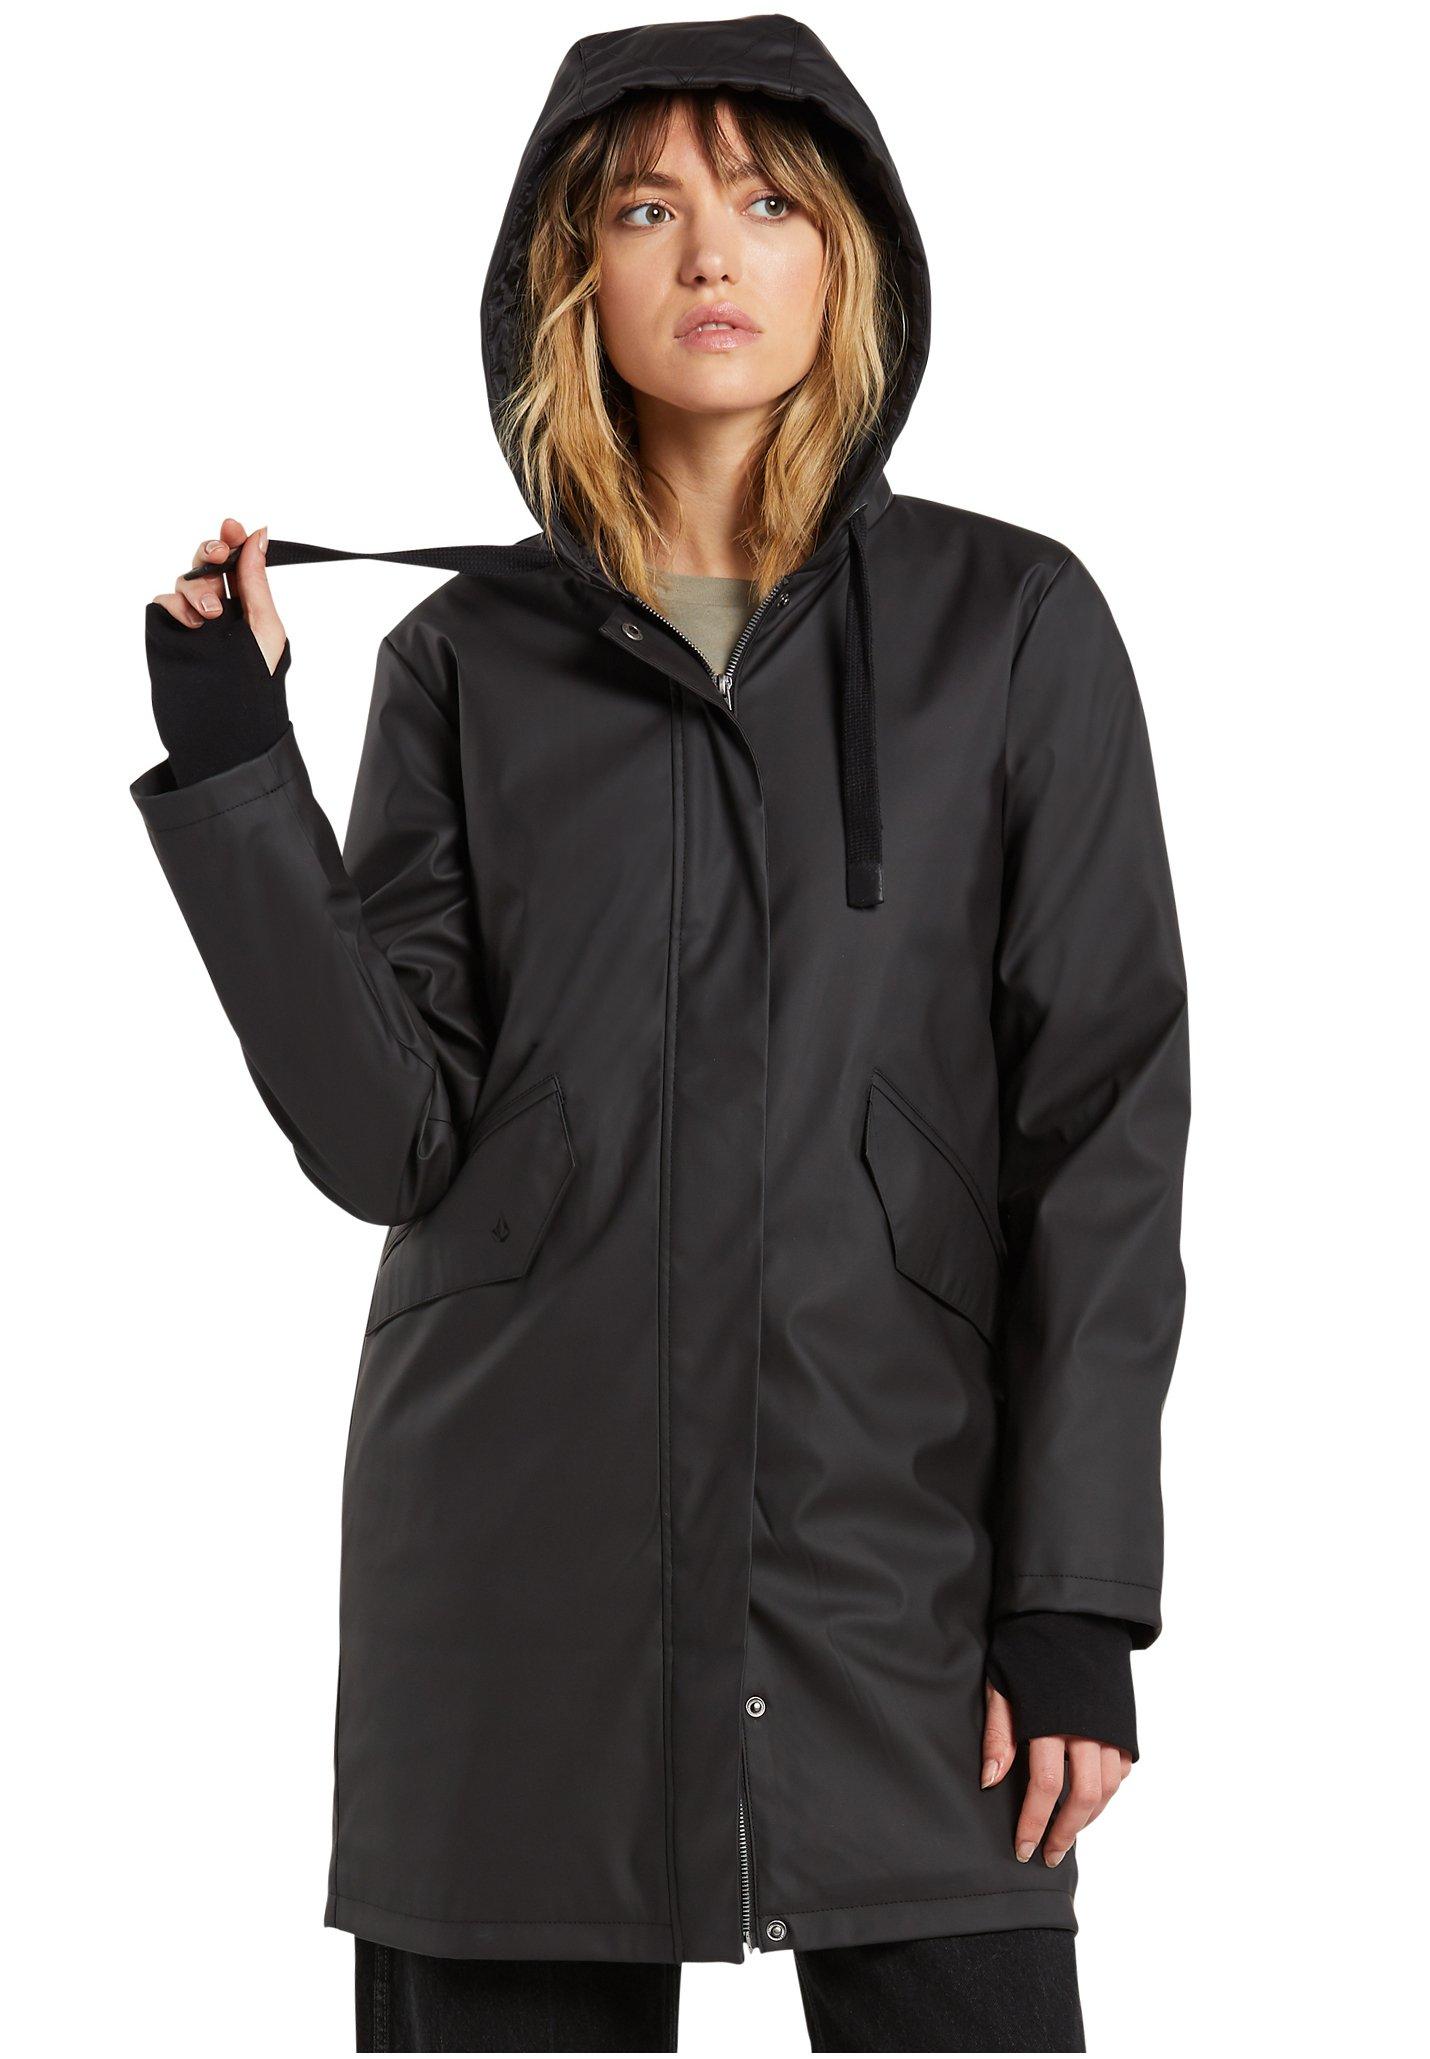 Volcom V Boat Jacke für Damen Schwarz Planet Sports